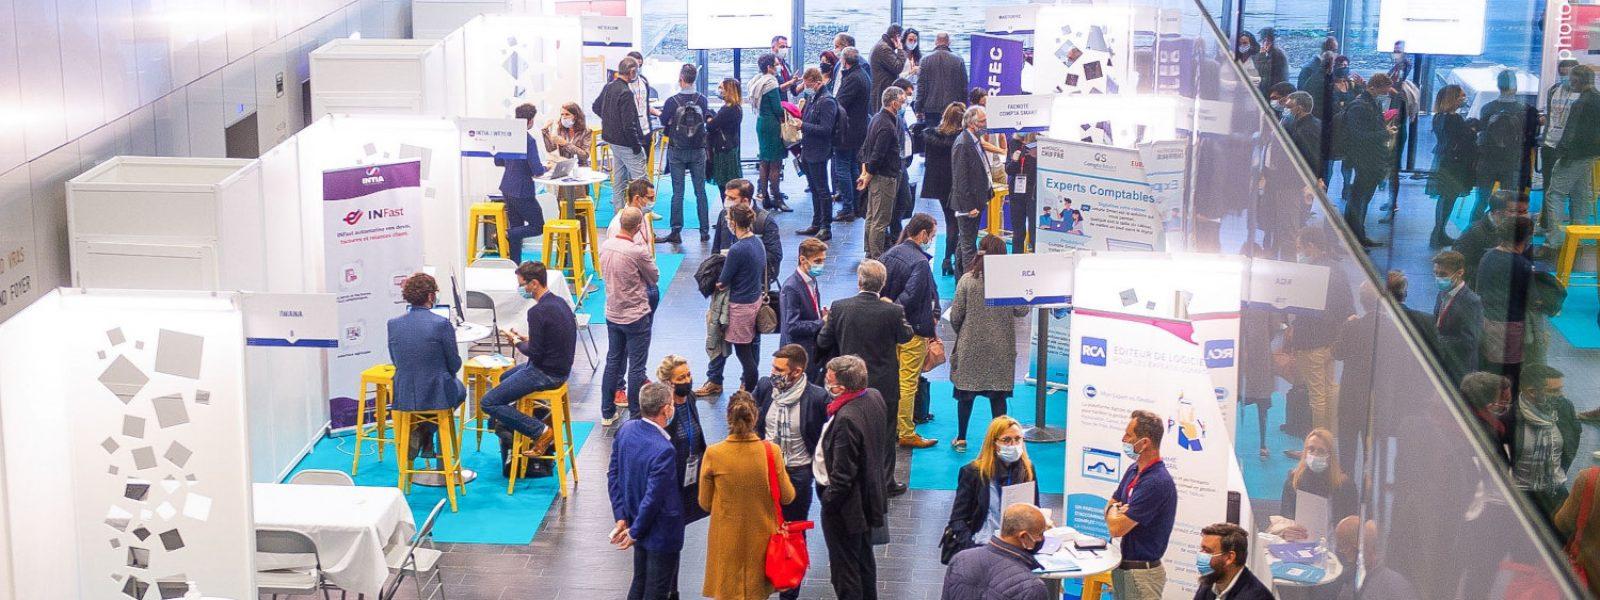 Grande Journée du Numérique Experts-Comptables 2020 Rennes